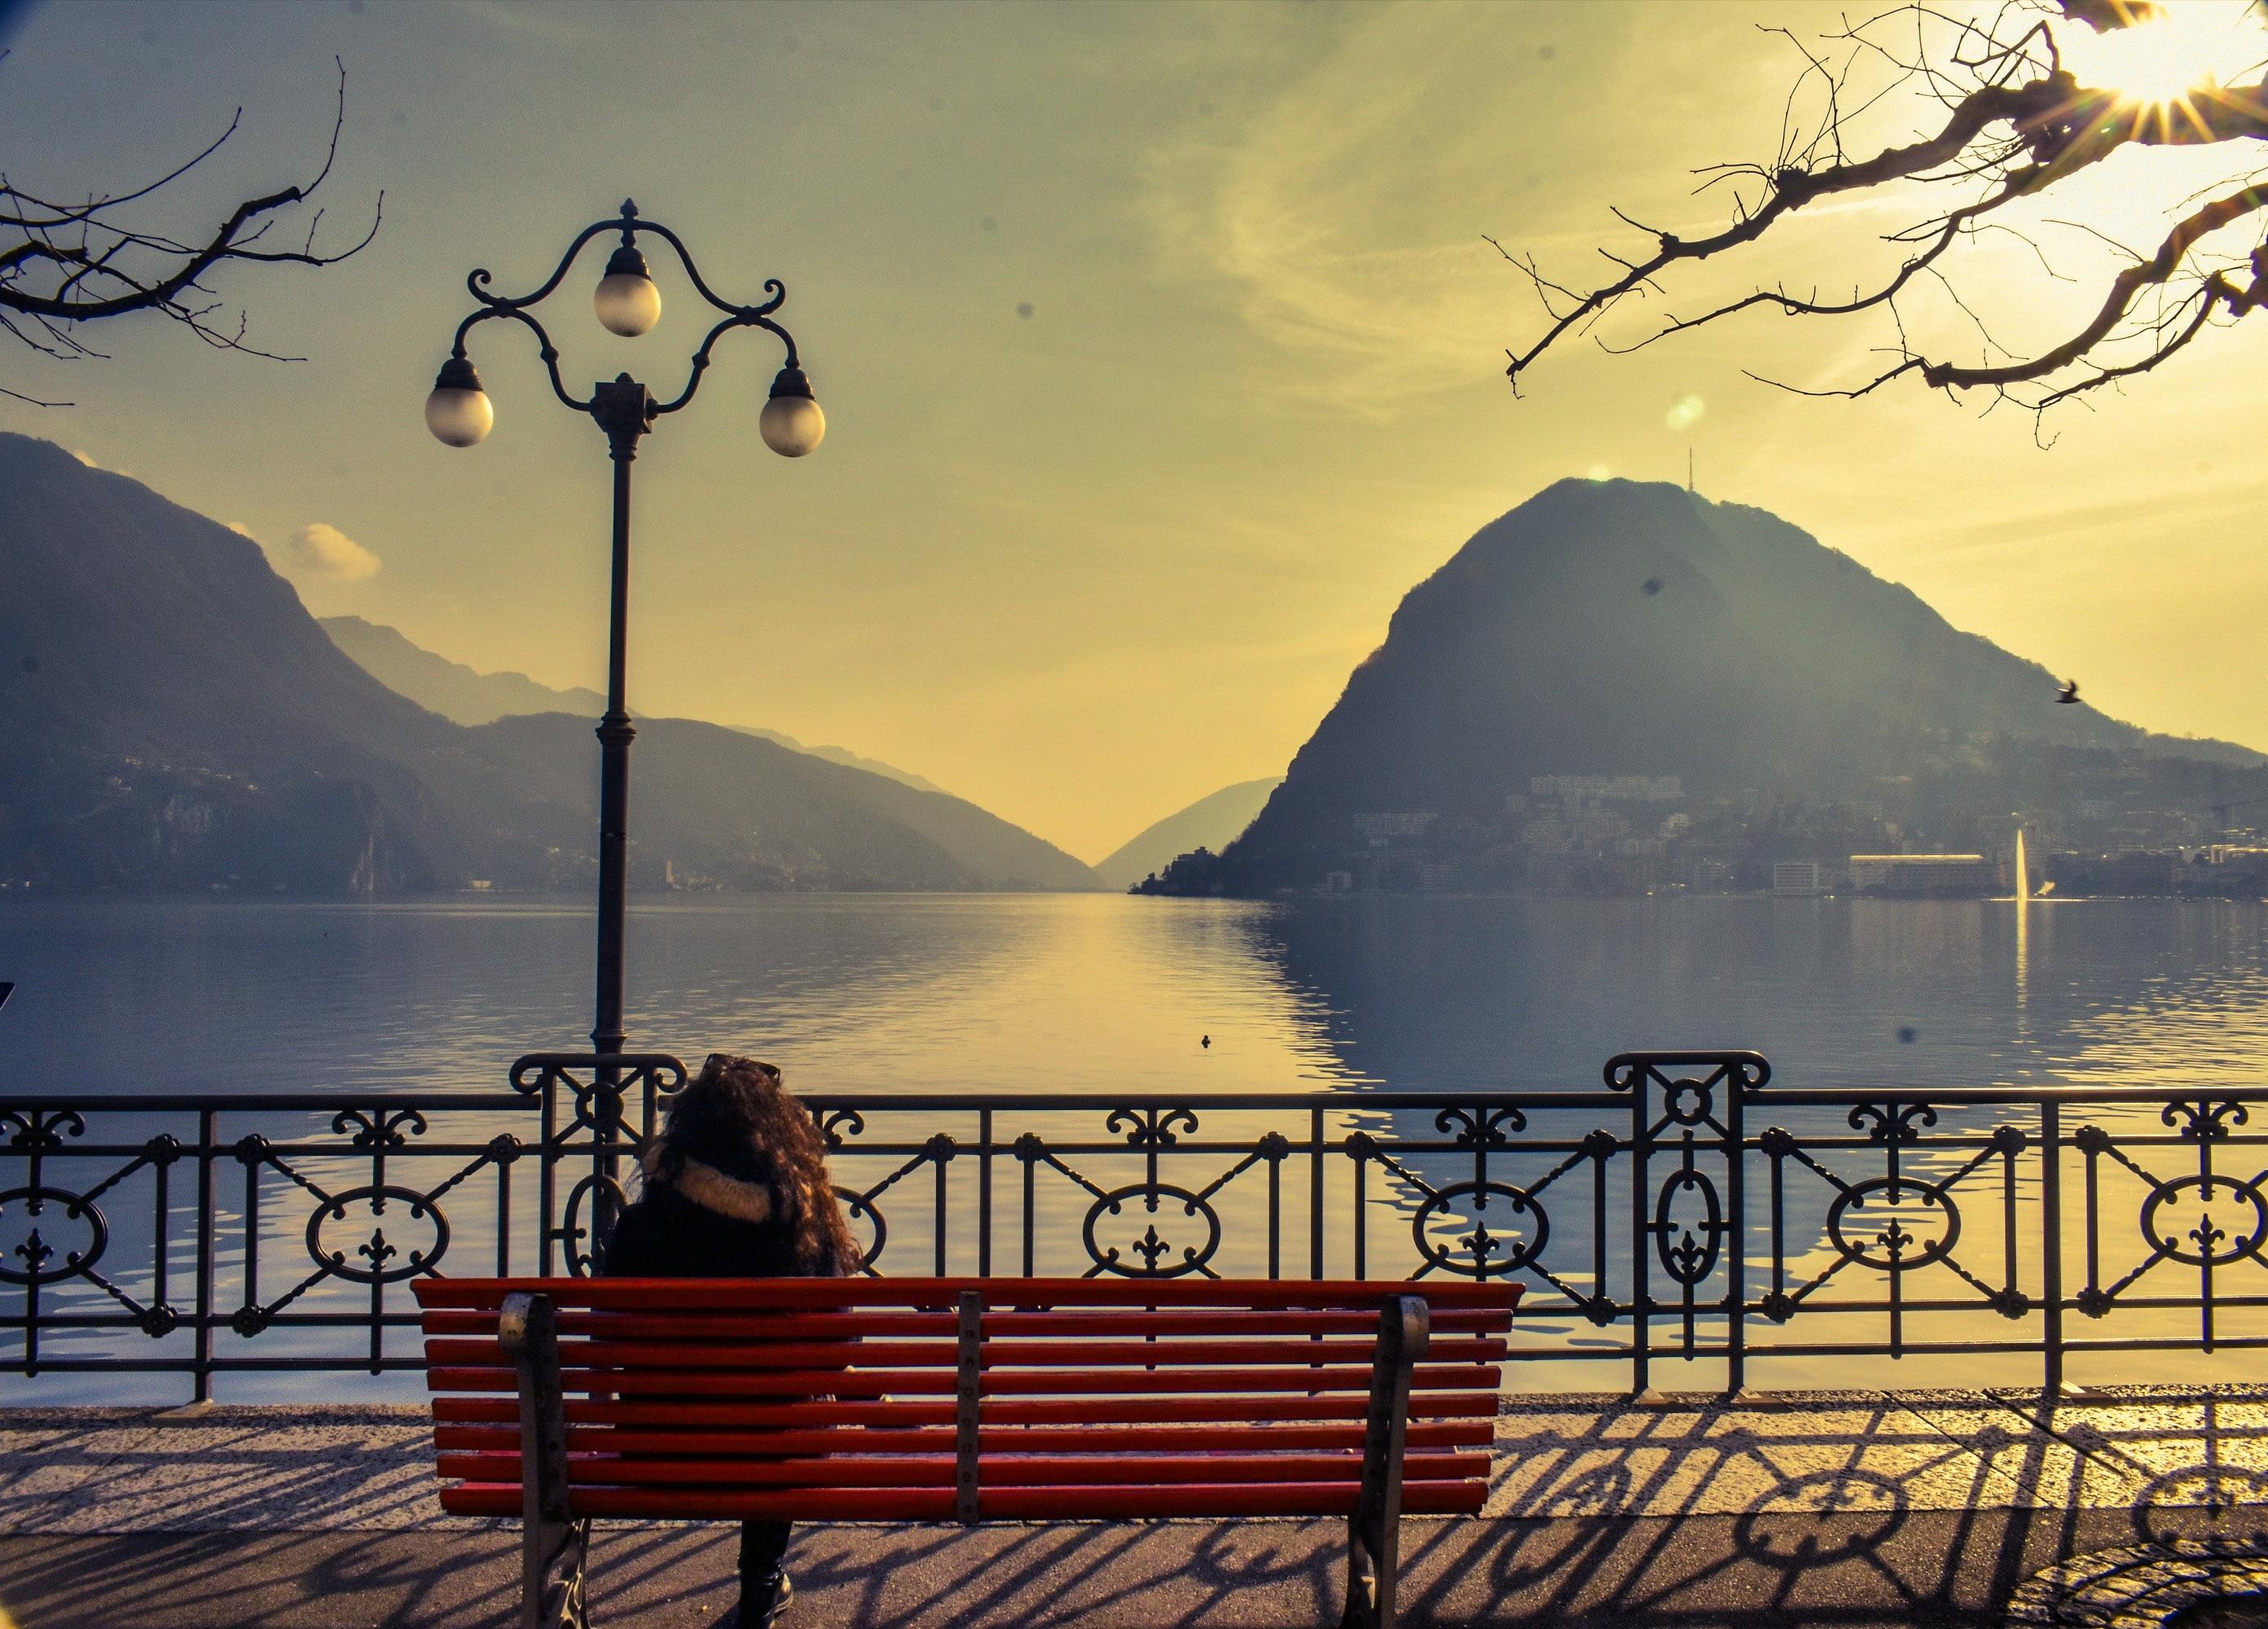 Viaggio in Svizzera - Lugano